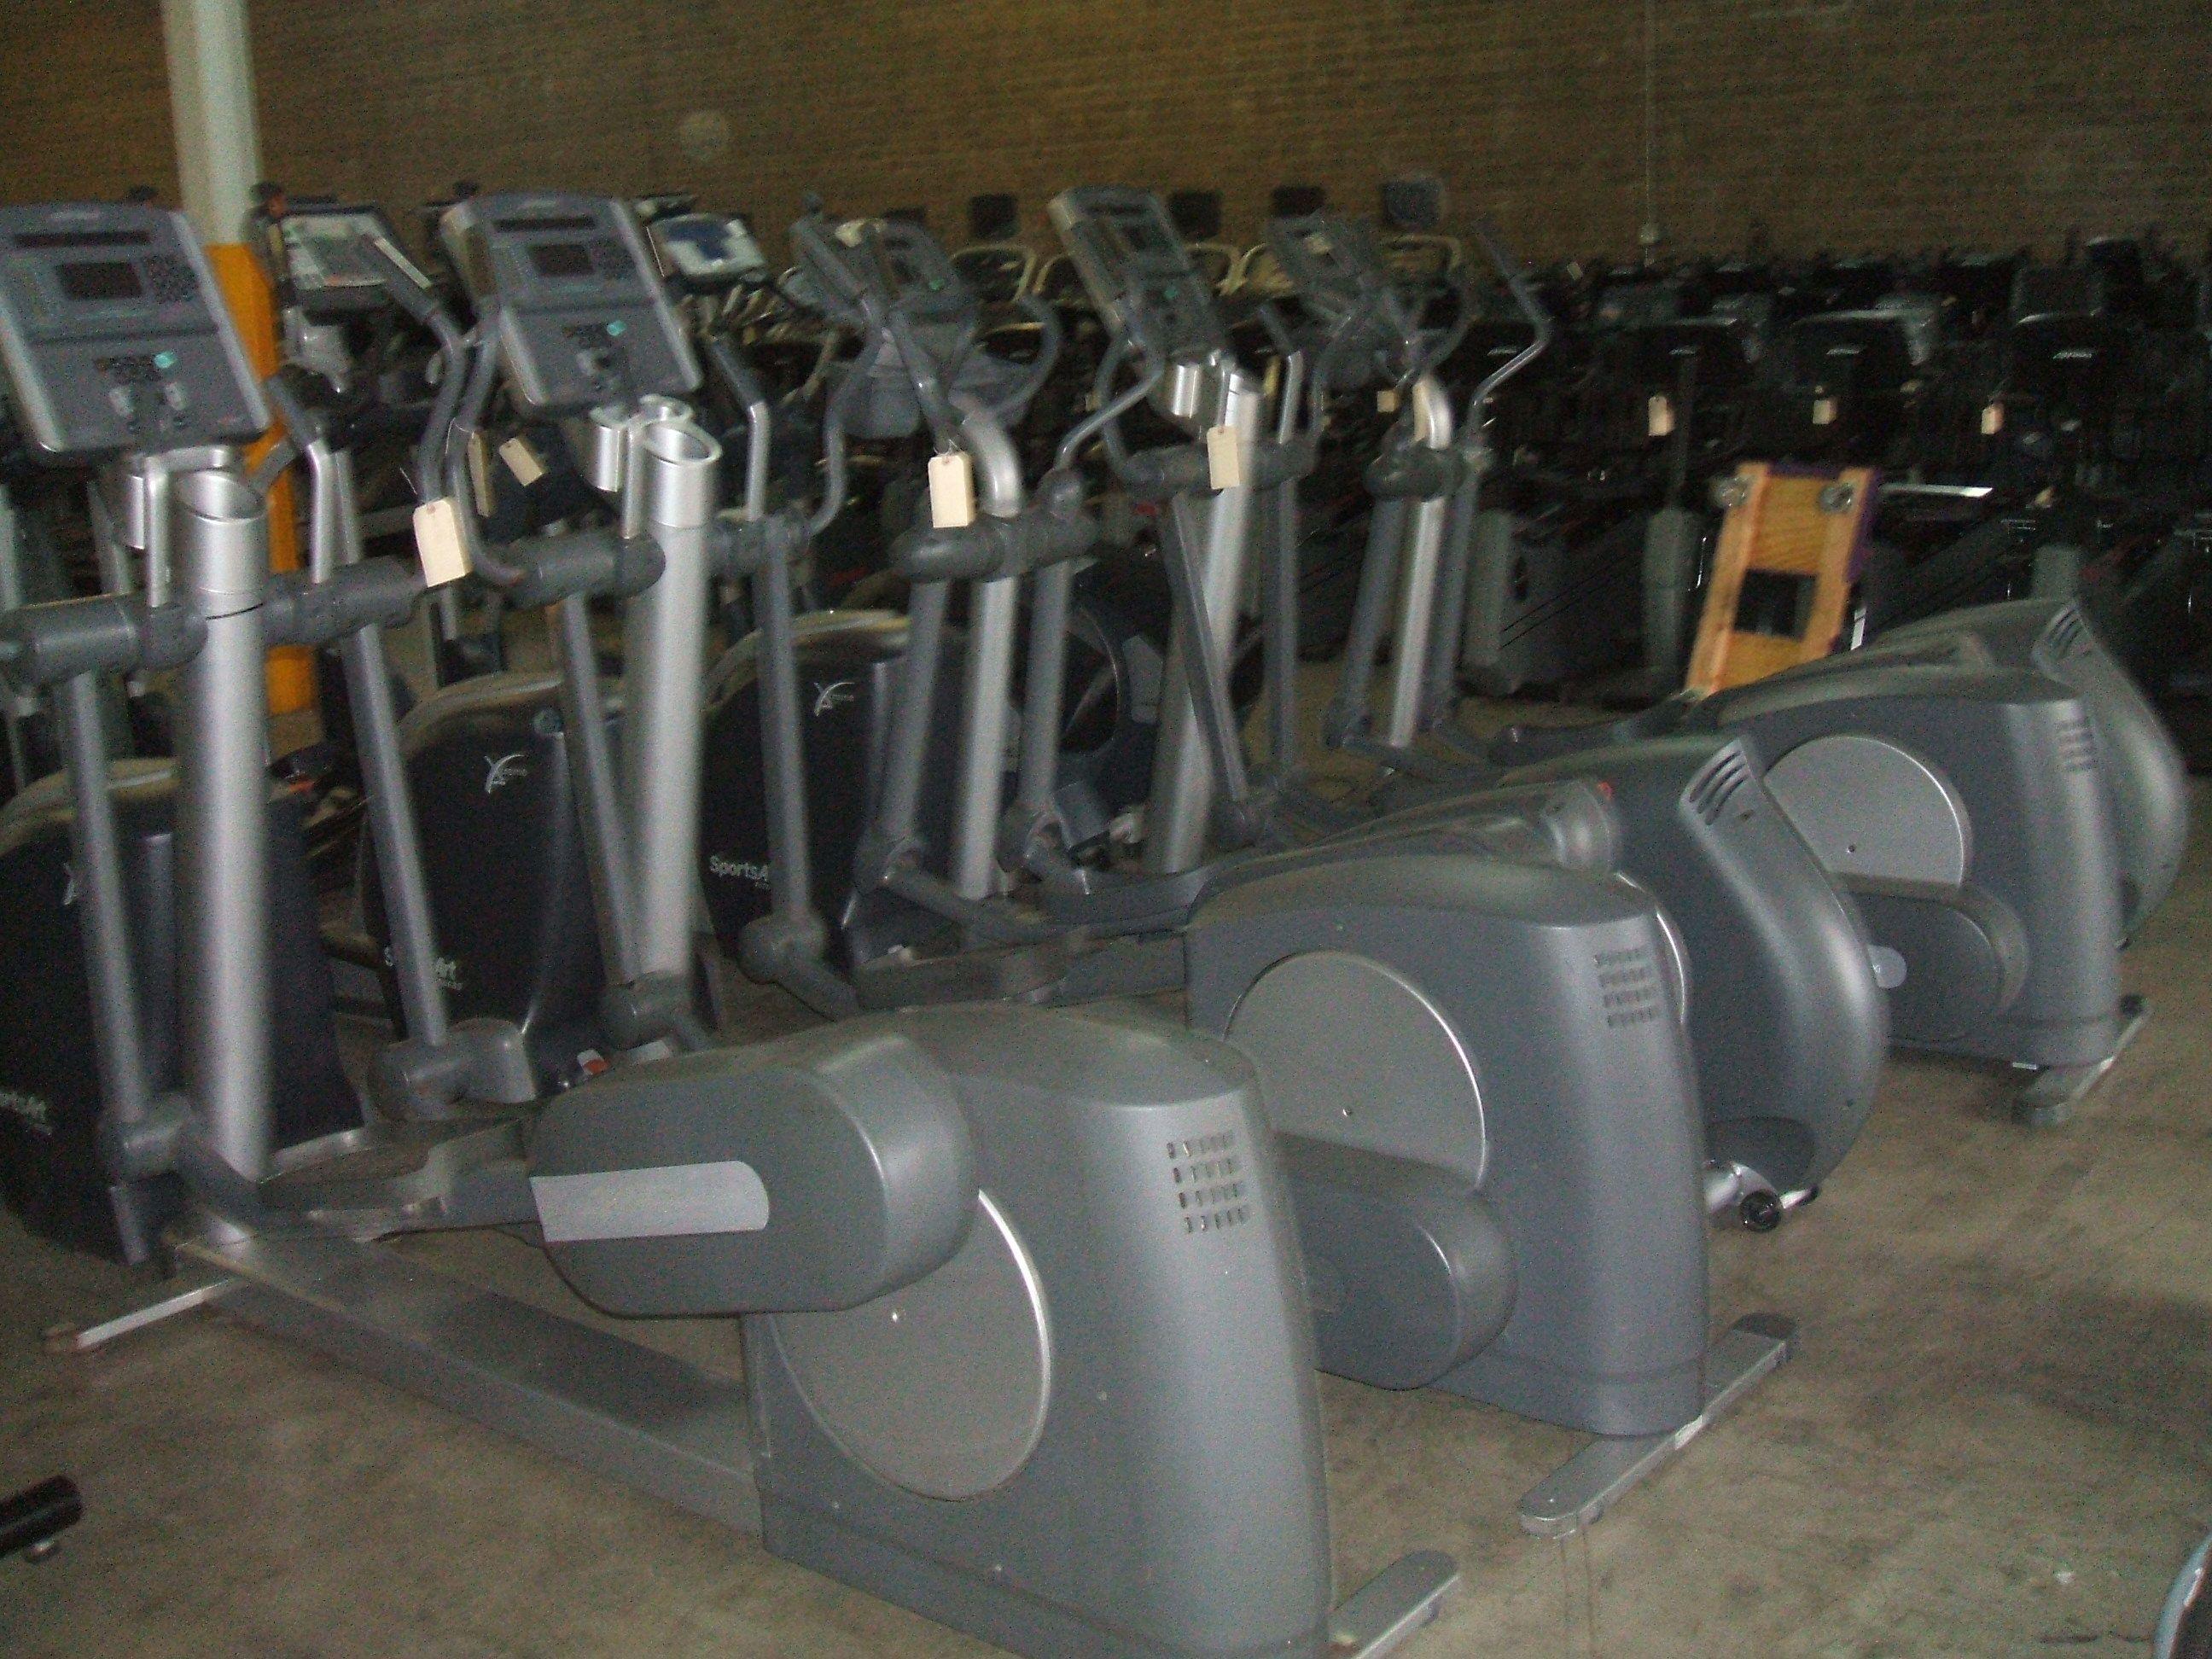 Life fitness 95xi elliptical cross trainer